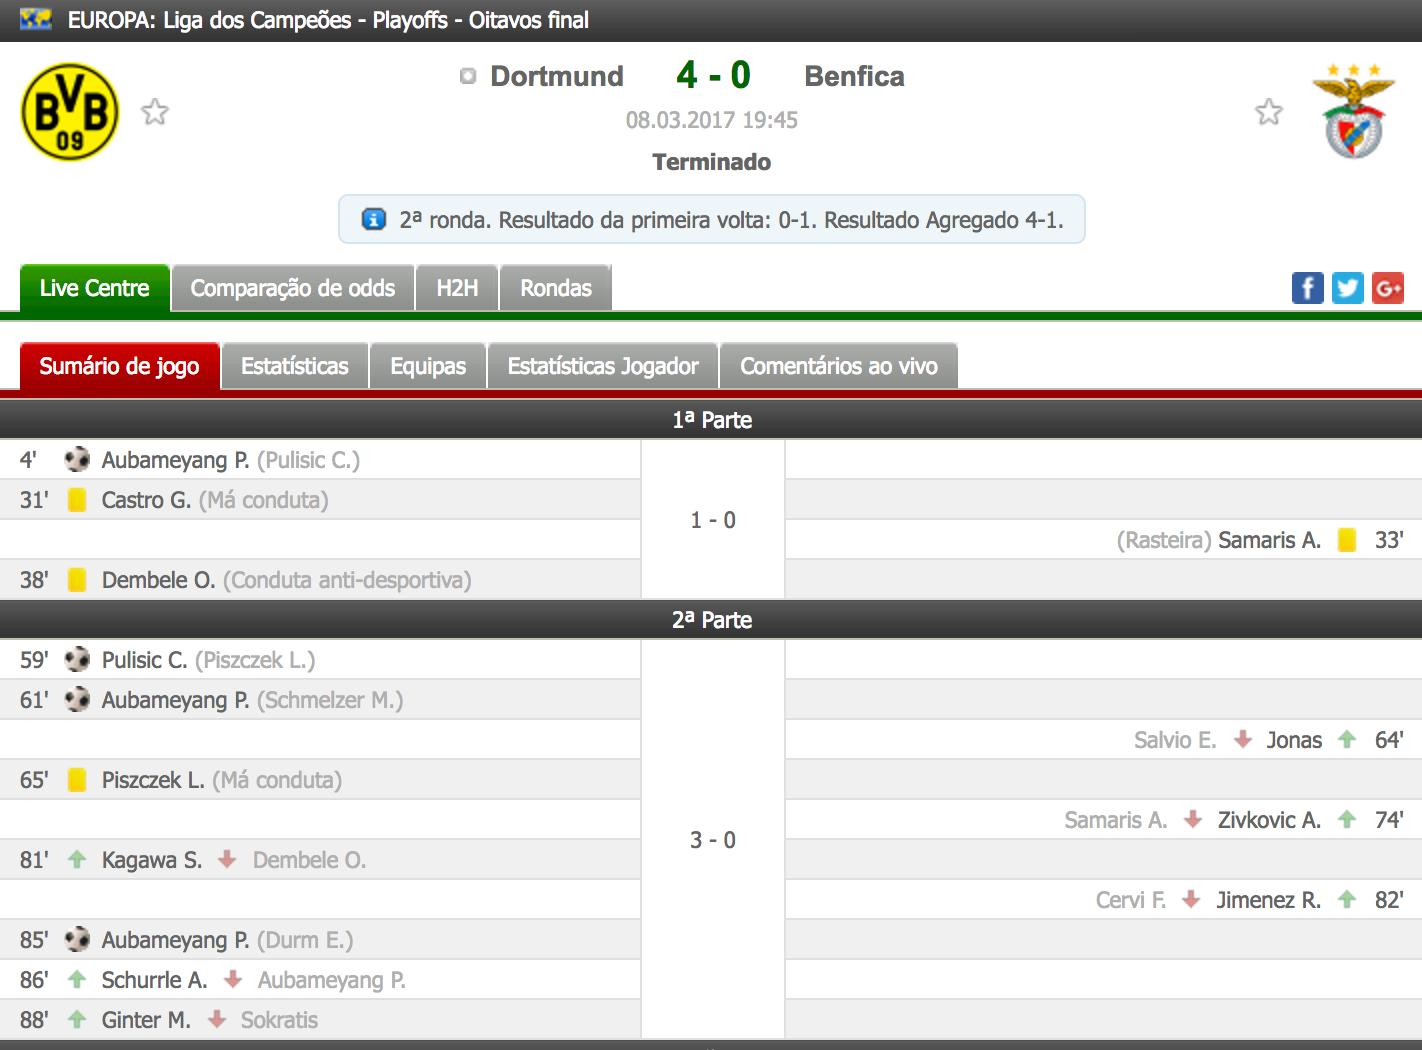 Dormund - Benfica 4-0